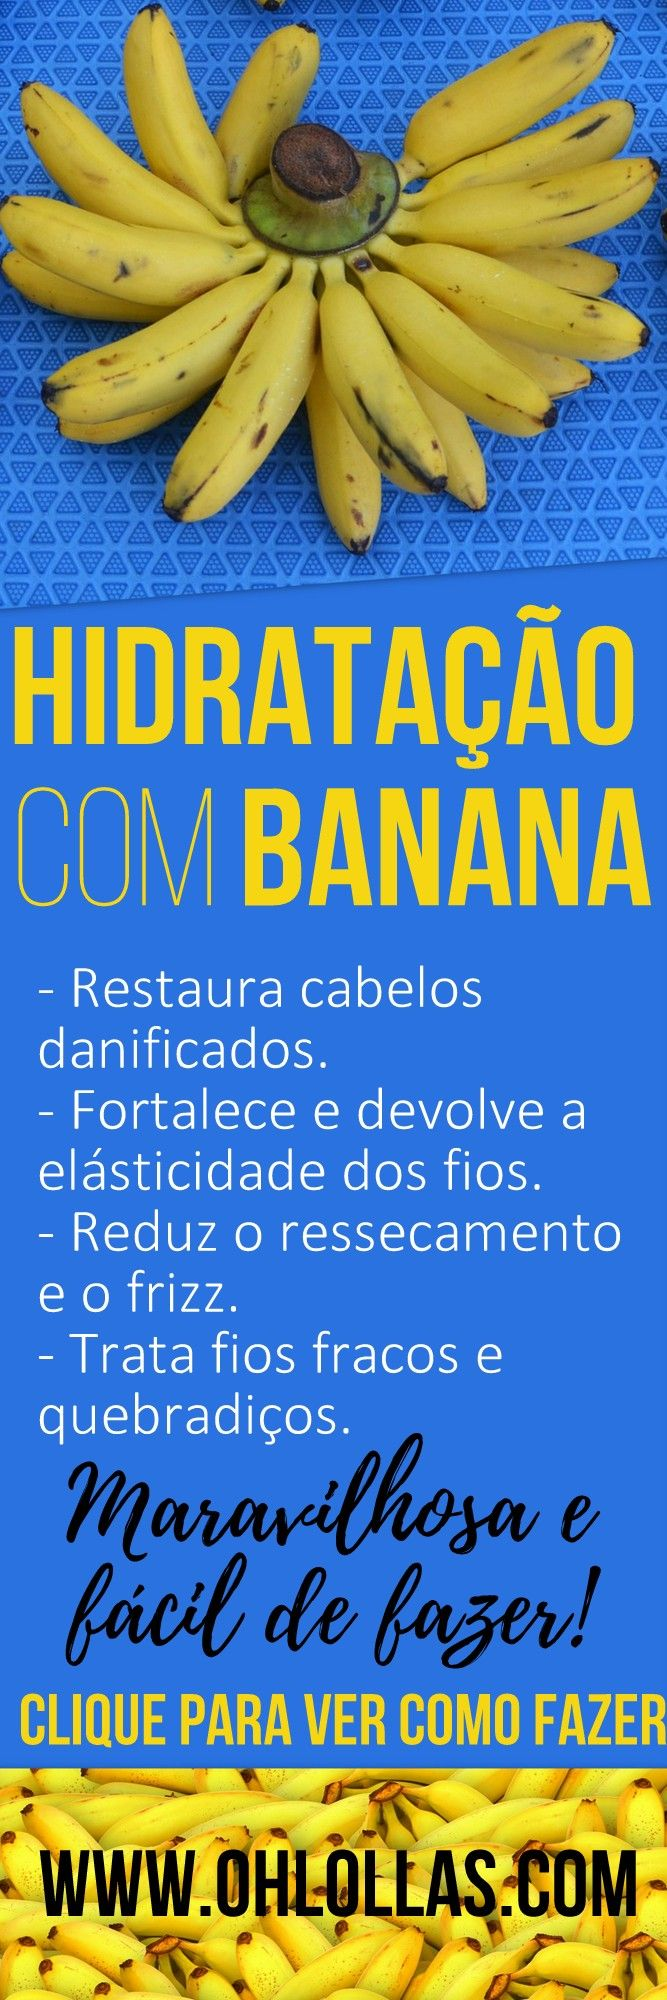 A hidratação com banana é ótima para cabelos finos, frágeis, quebradiços, com frizz, secos ou ressecados e inclusive para os fios quimicamente tratados. Cronograma capilar com receitas caseiras para estimular o crescimento do cabelo para transição capilar ou projeto rapunzel (cabelos longos).